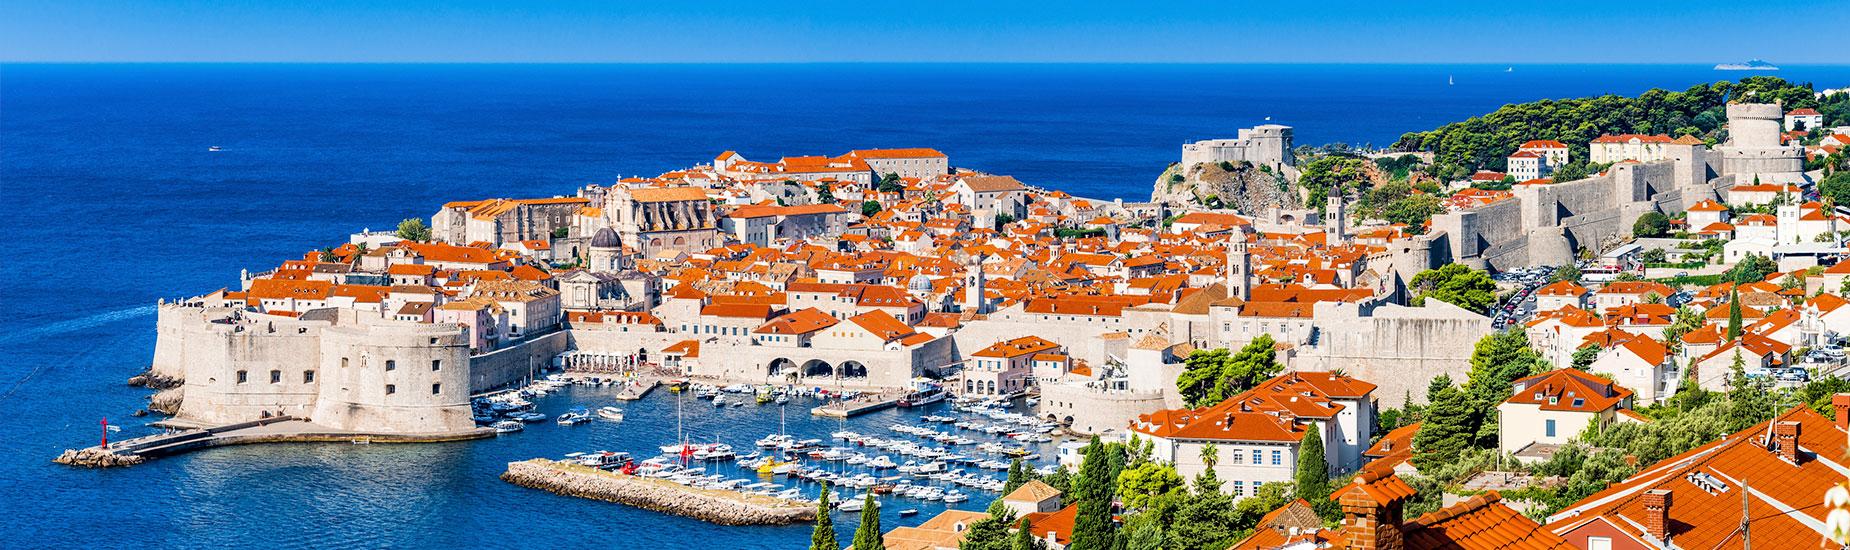 kust van kroatie